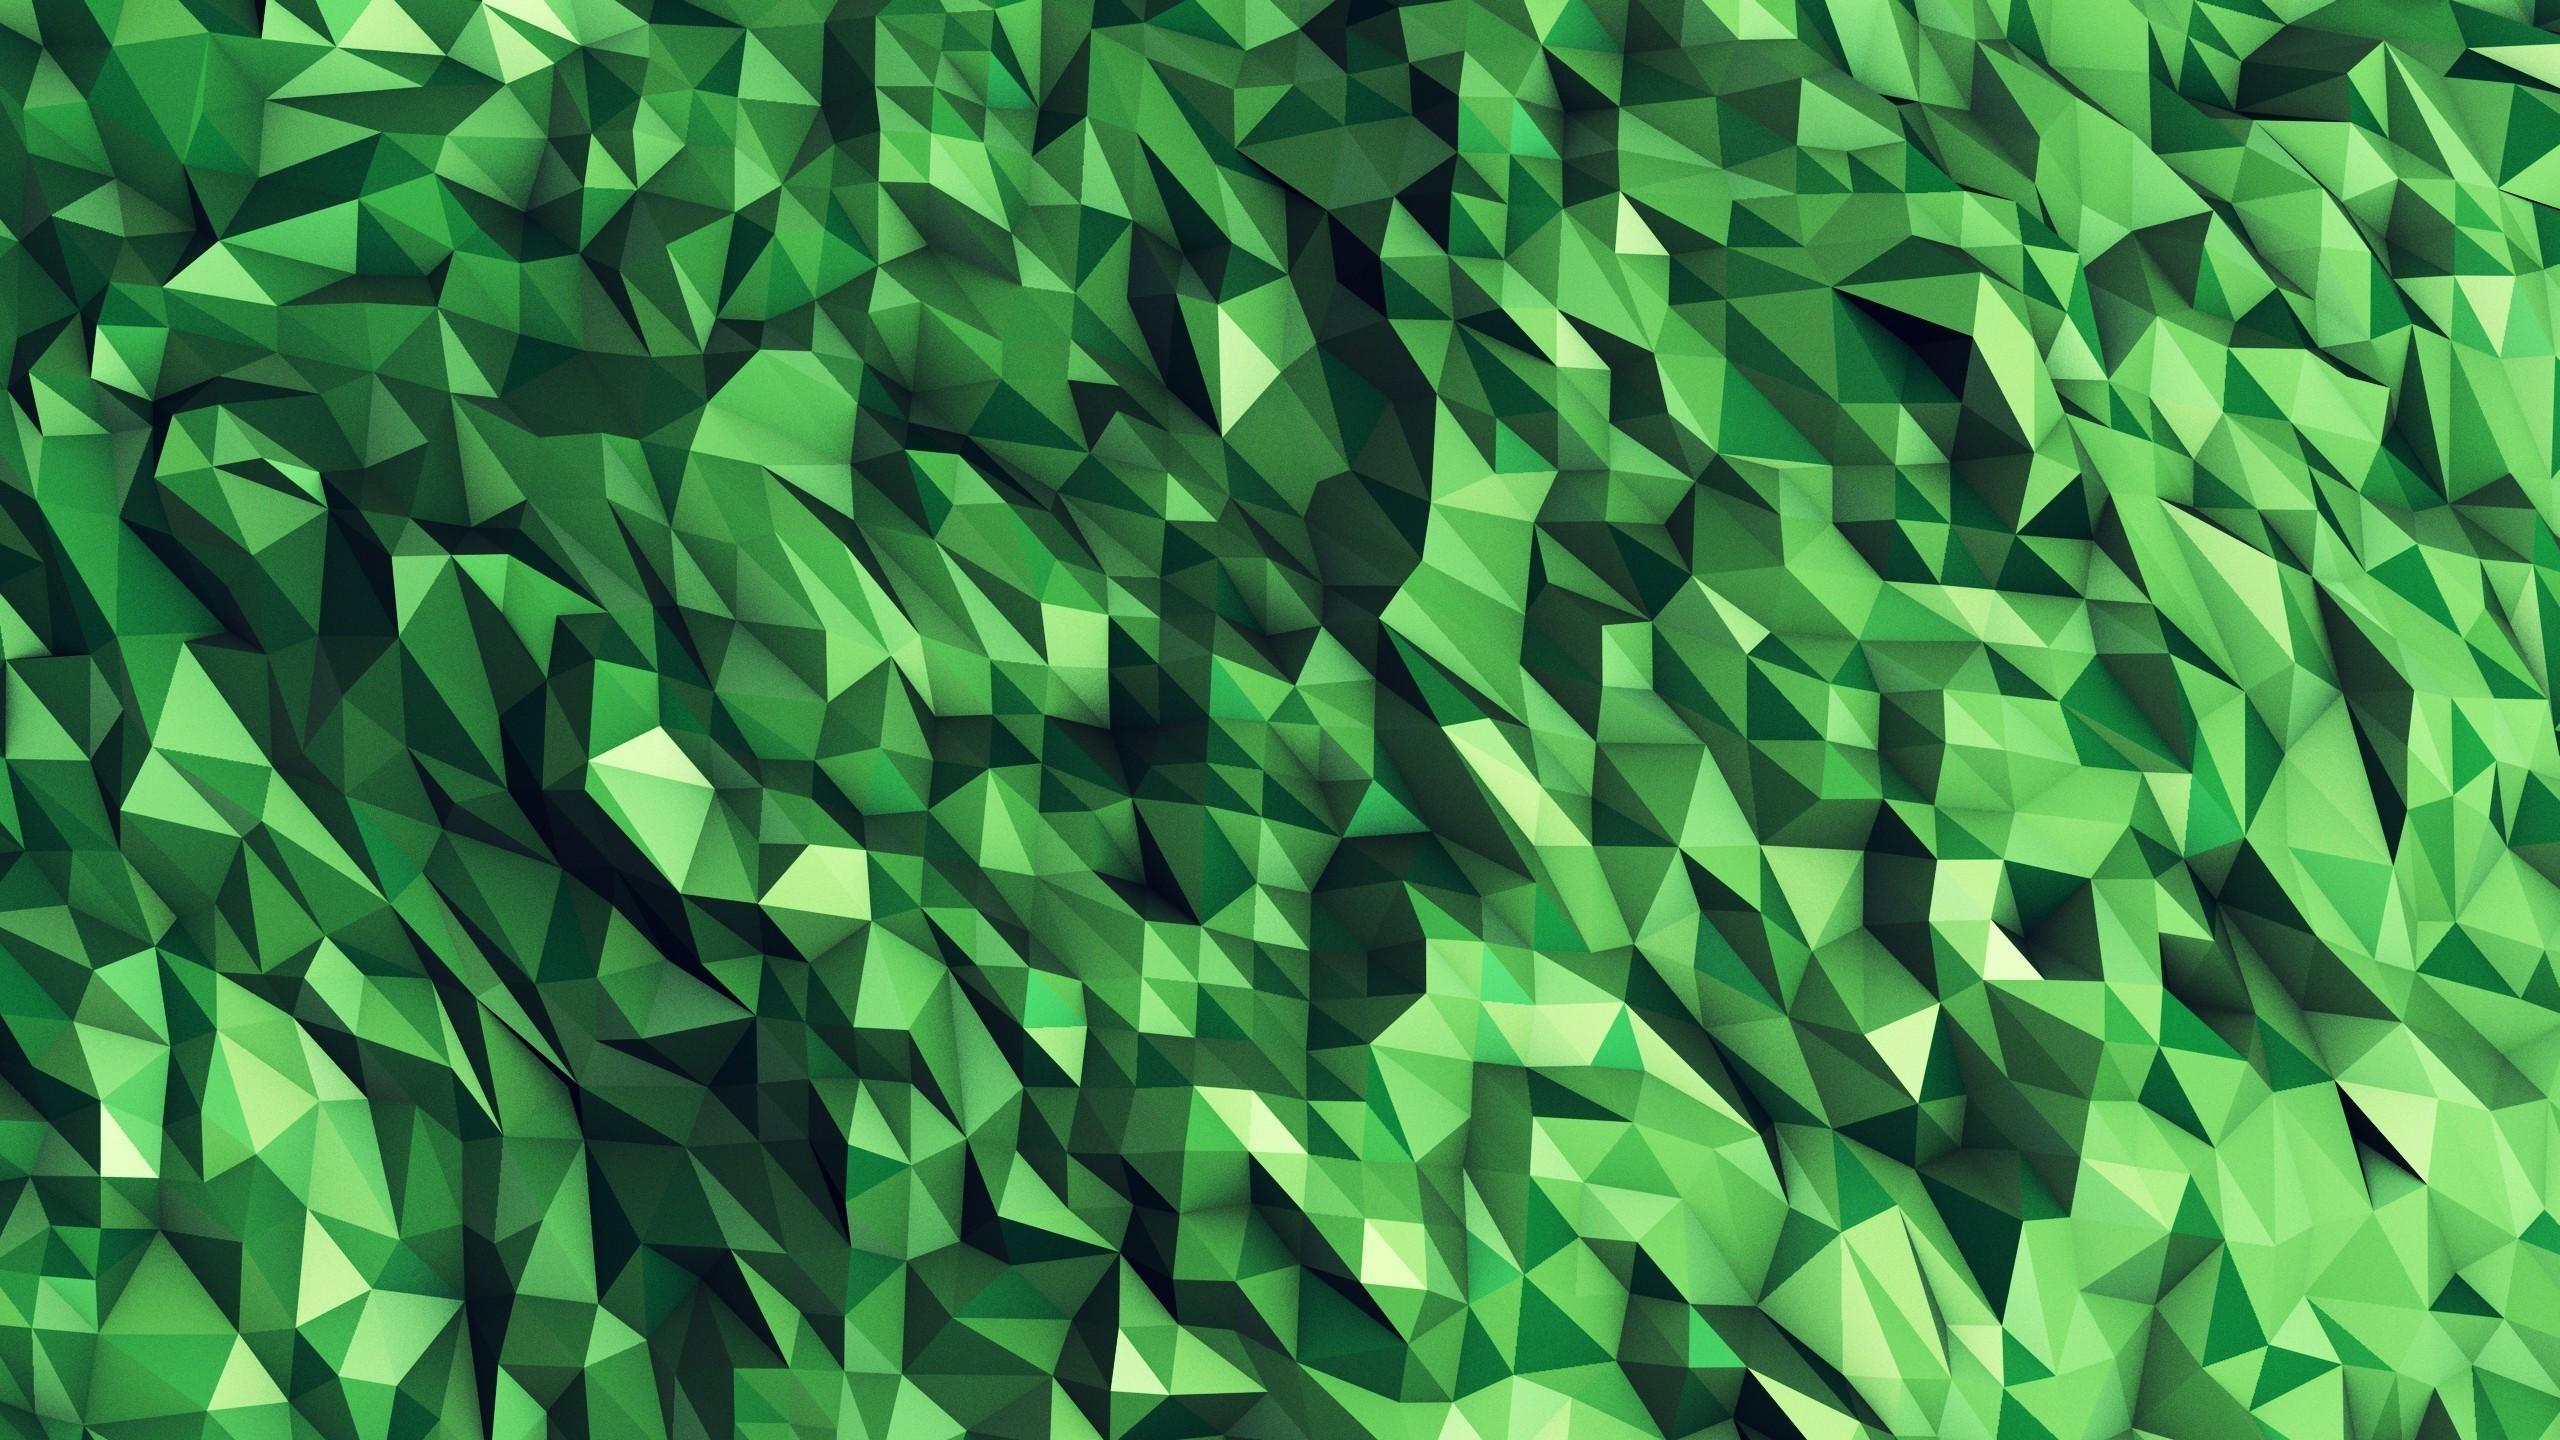 polygon-wallpaper-9.jpg (immagine JPEG, 2560 × 1440 pixel) – Riscalata  (50%) | Design | Pinterest | Wallpaper